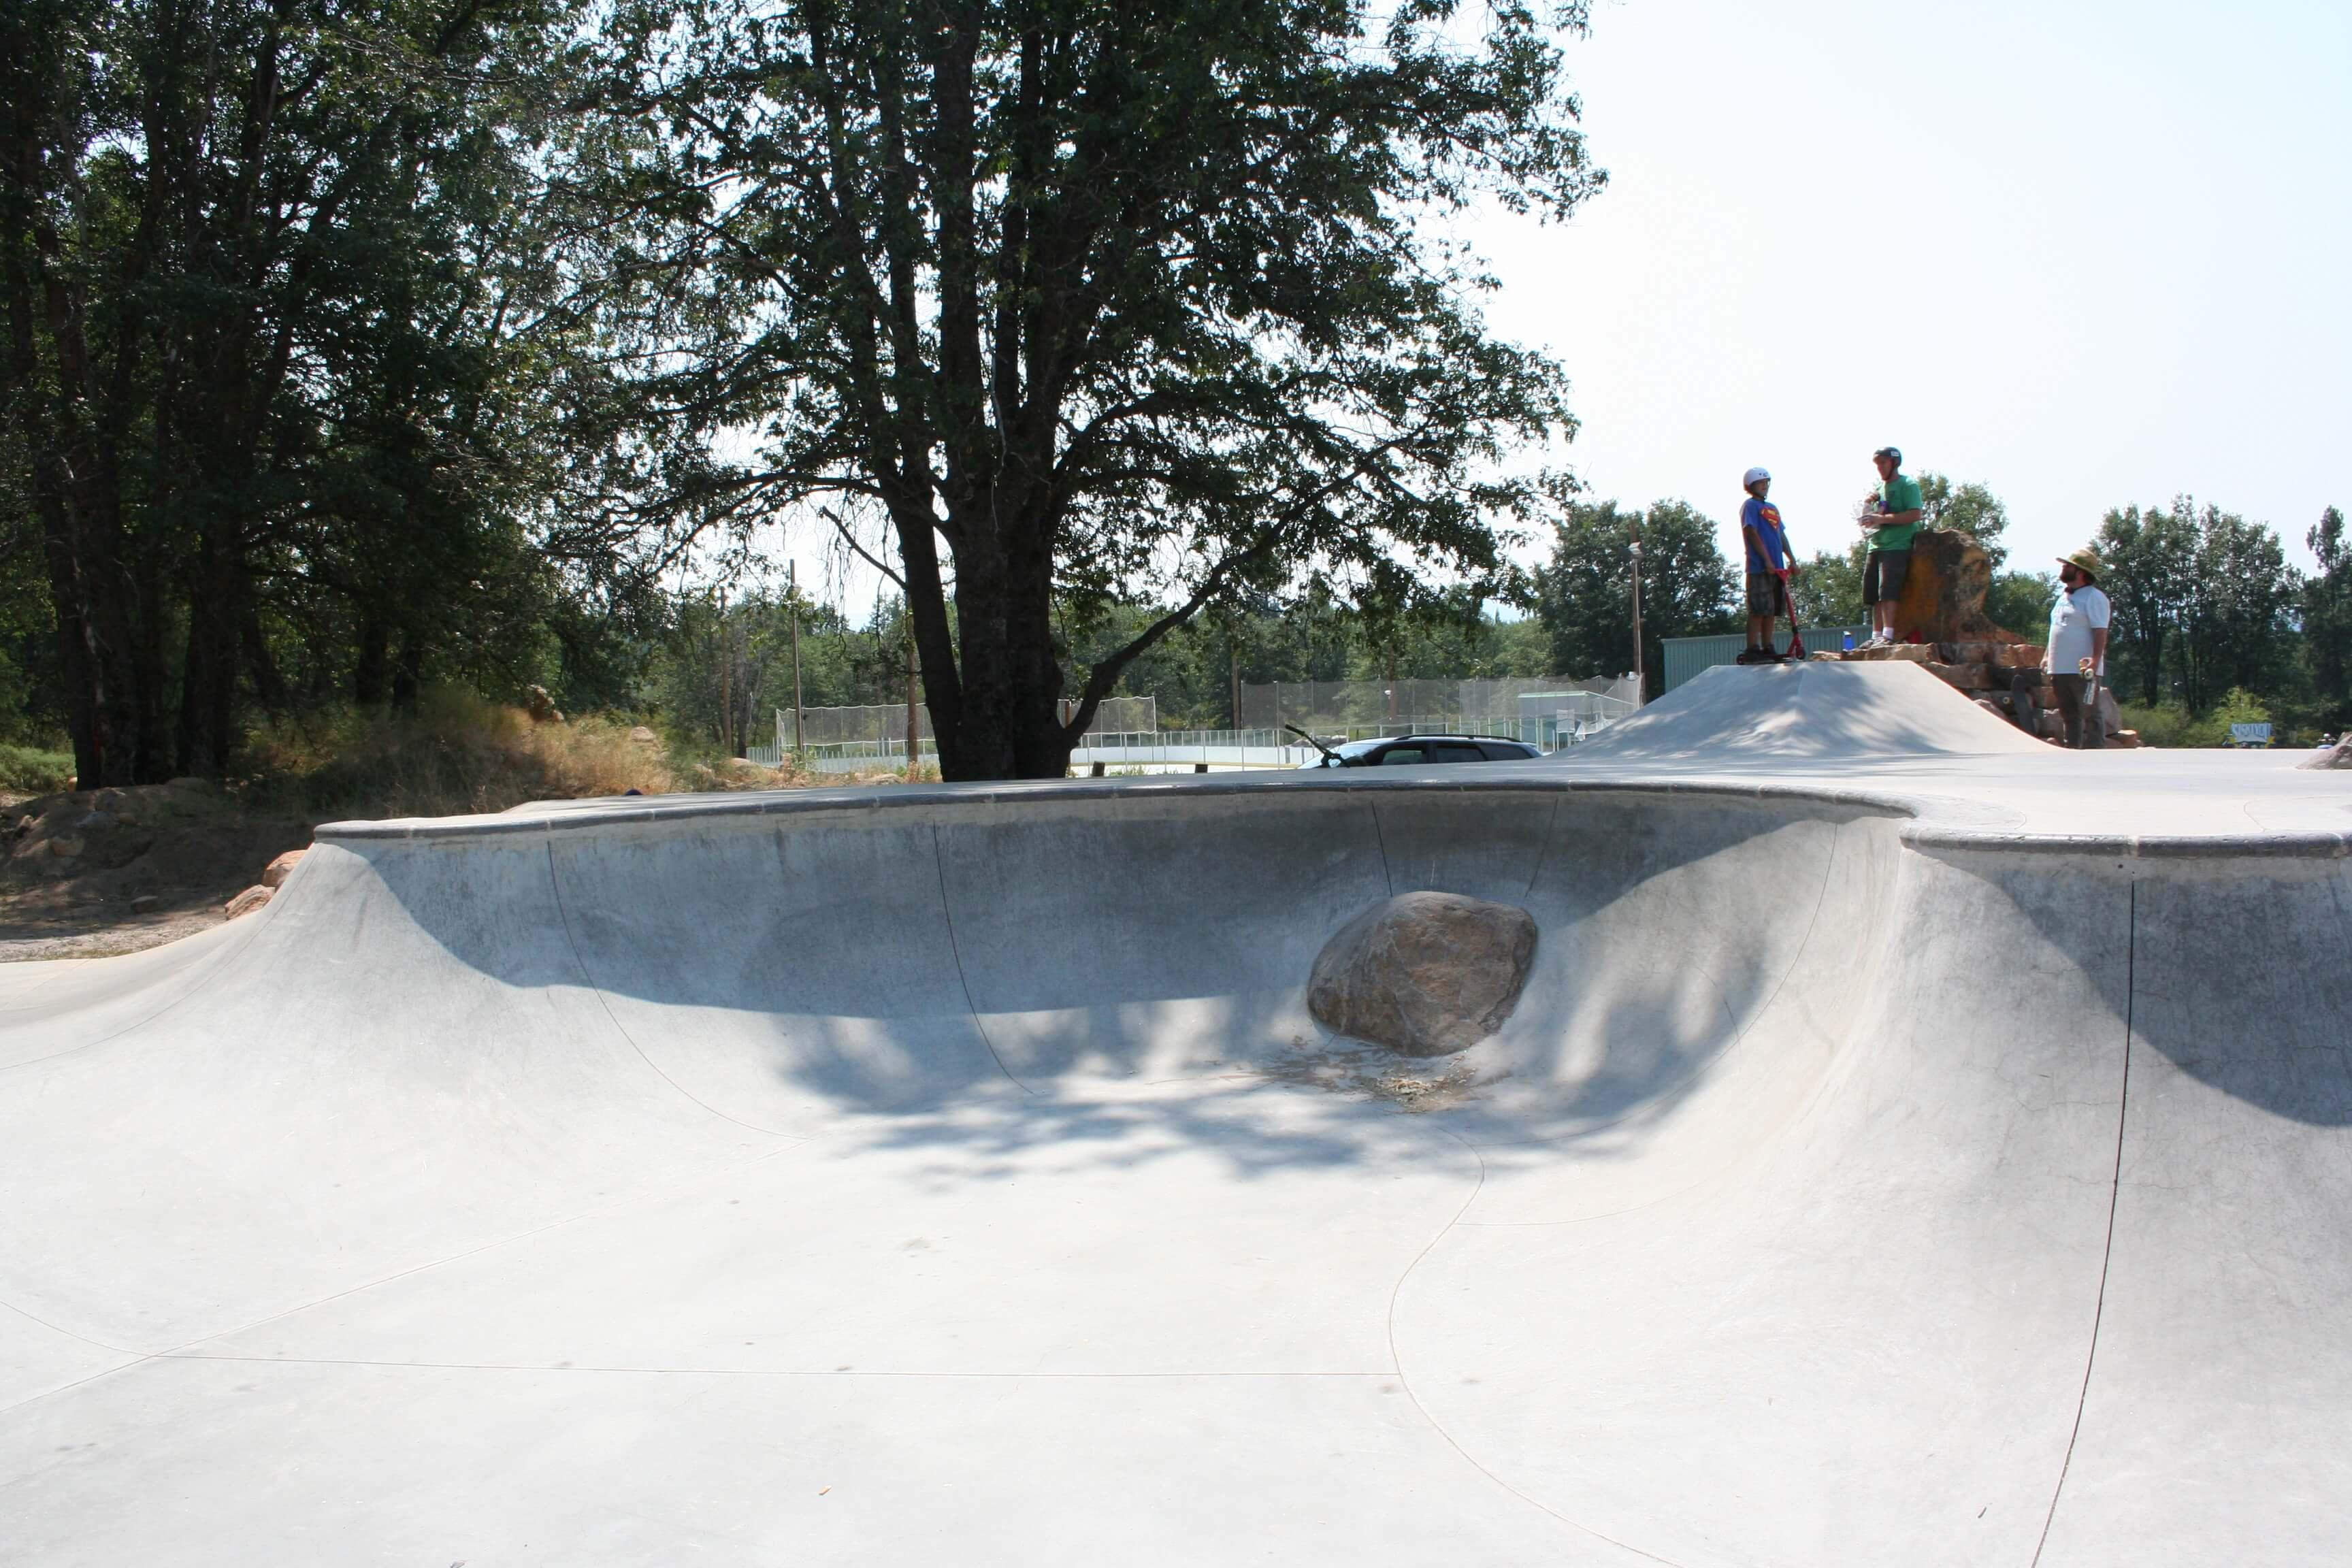 shastice park, mount shasta, california